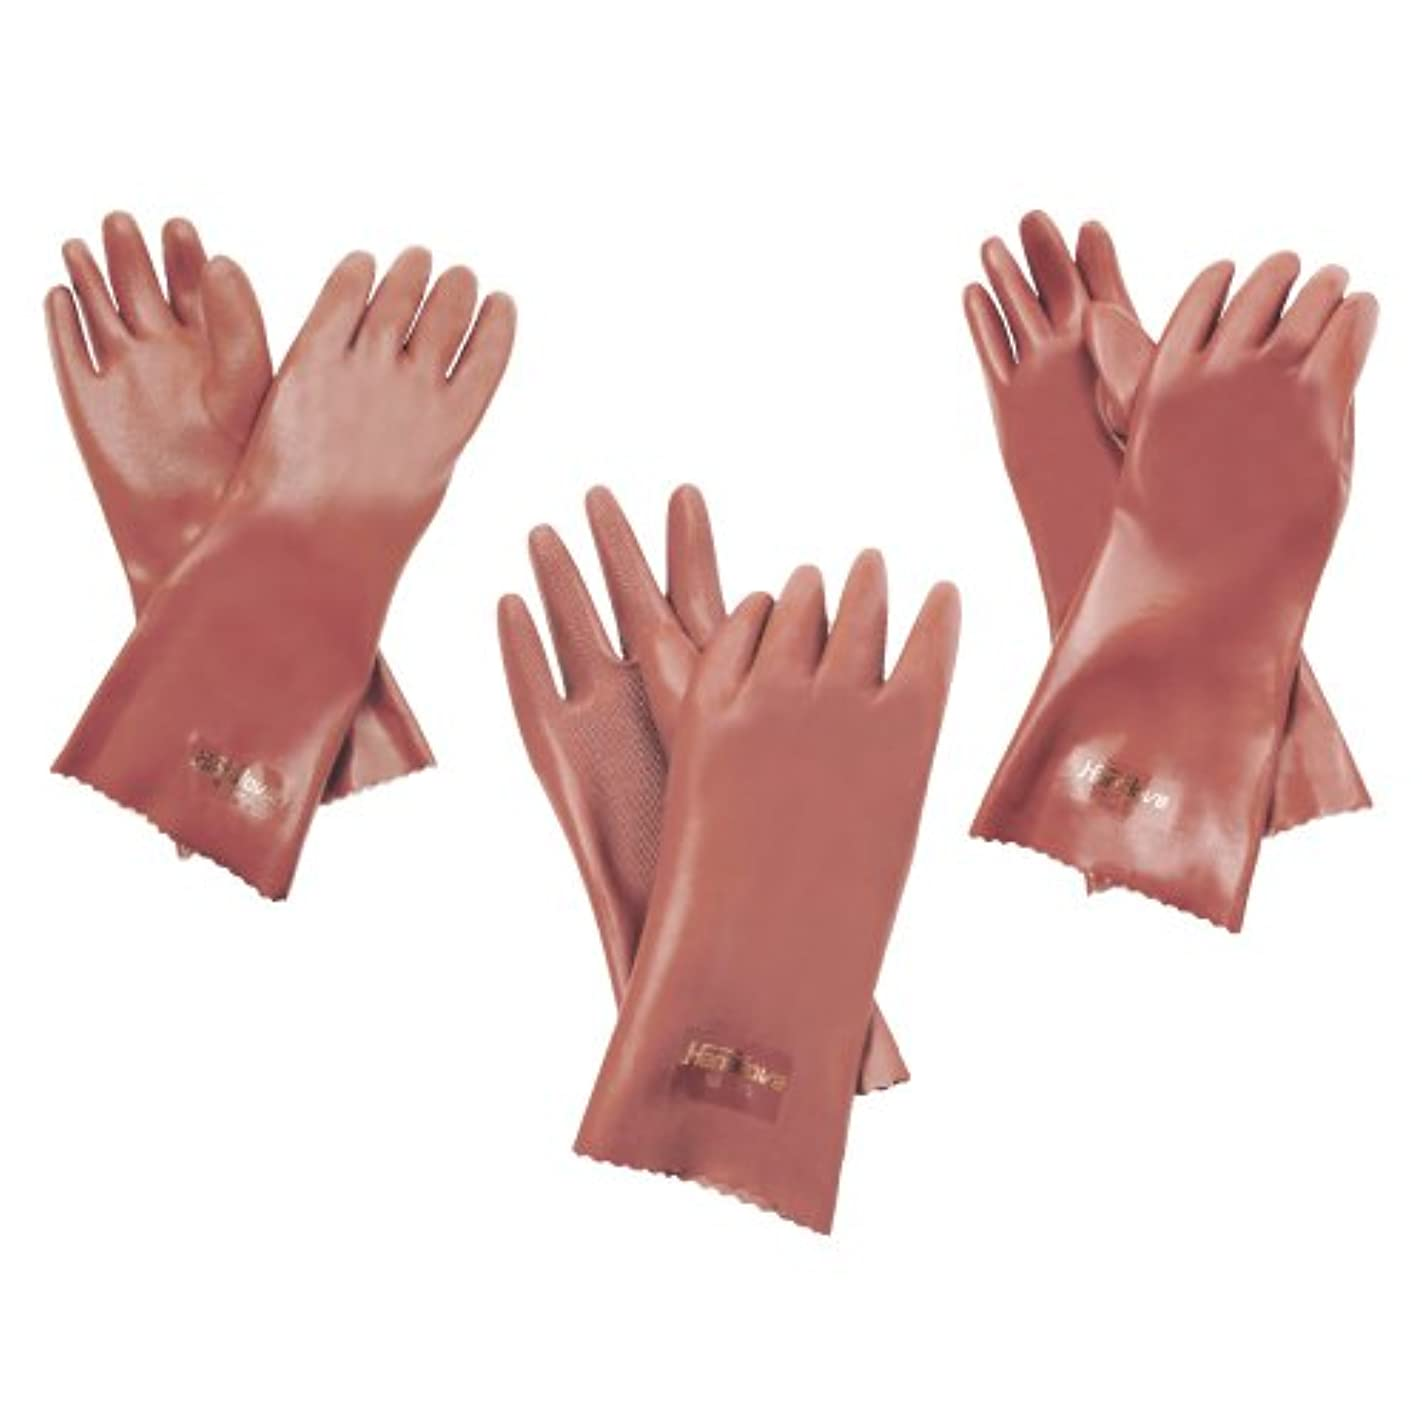 教養がある解決する革命耐油手袋 ハナローブ NO.146S??????????????(23-2947-01)